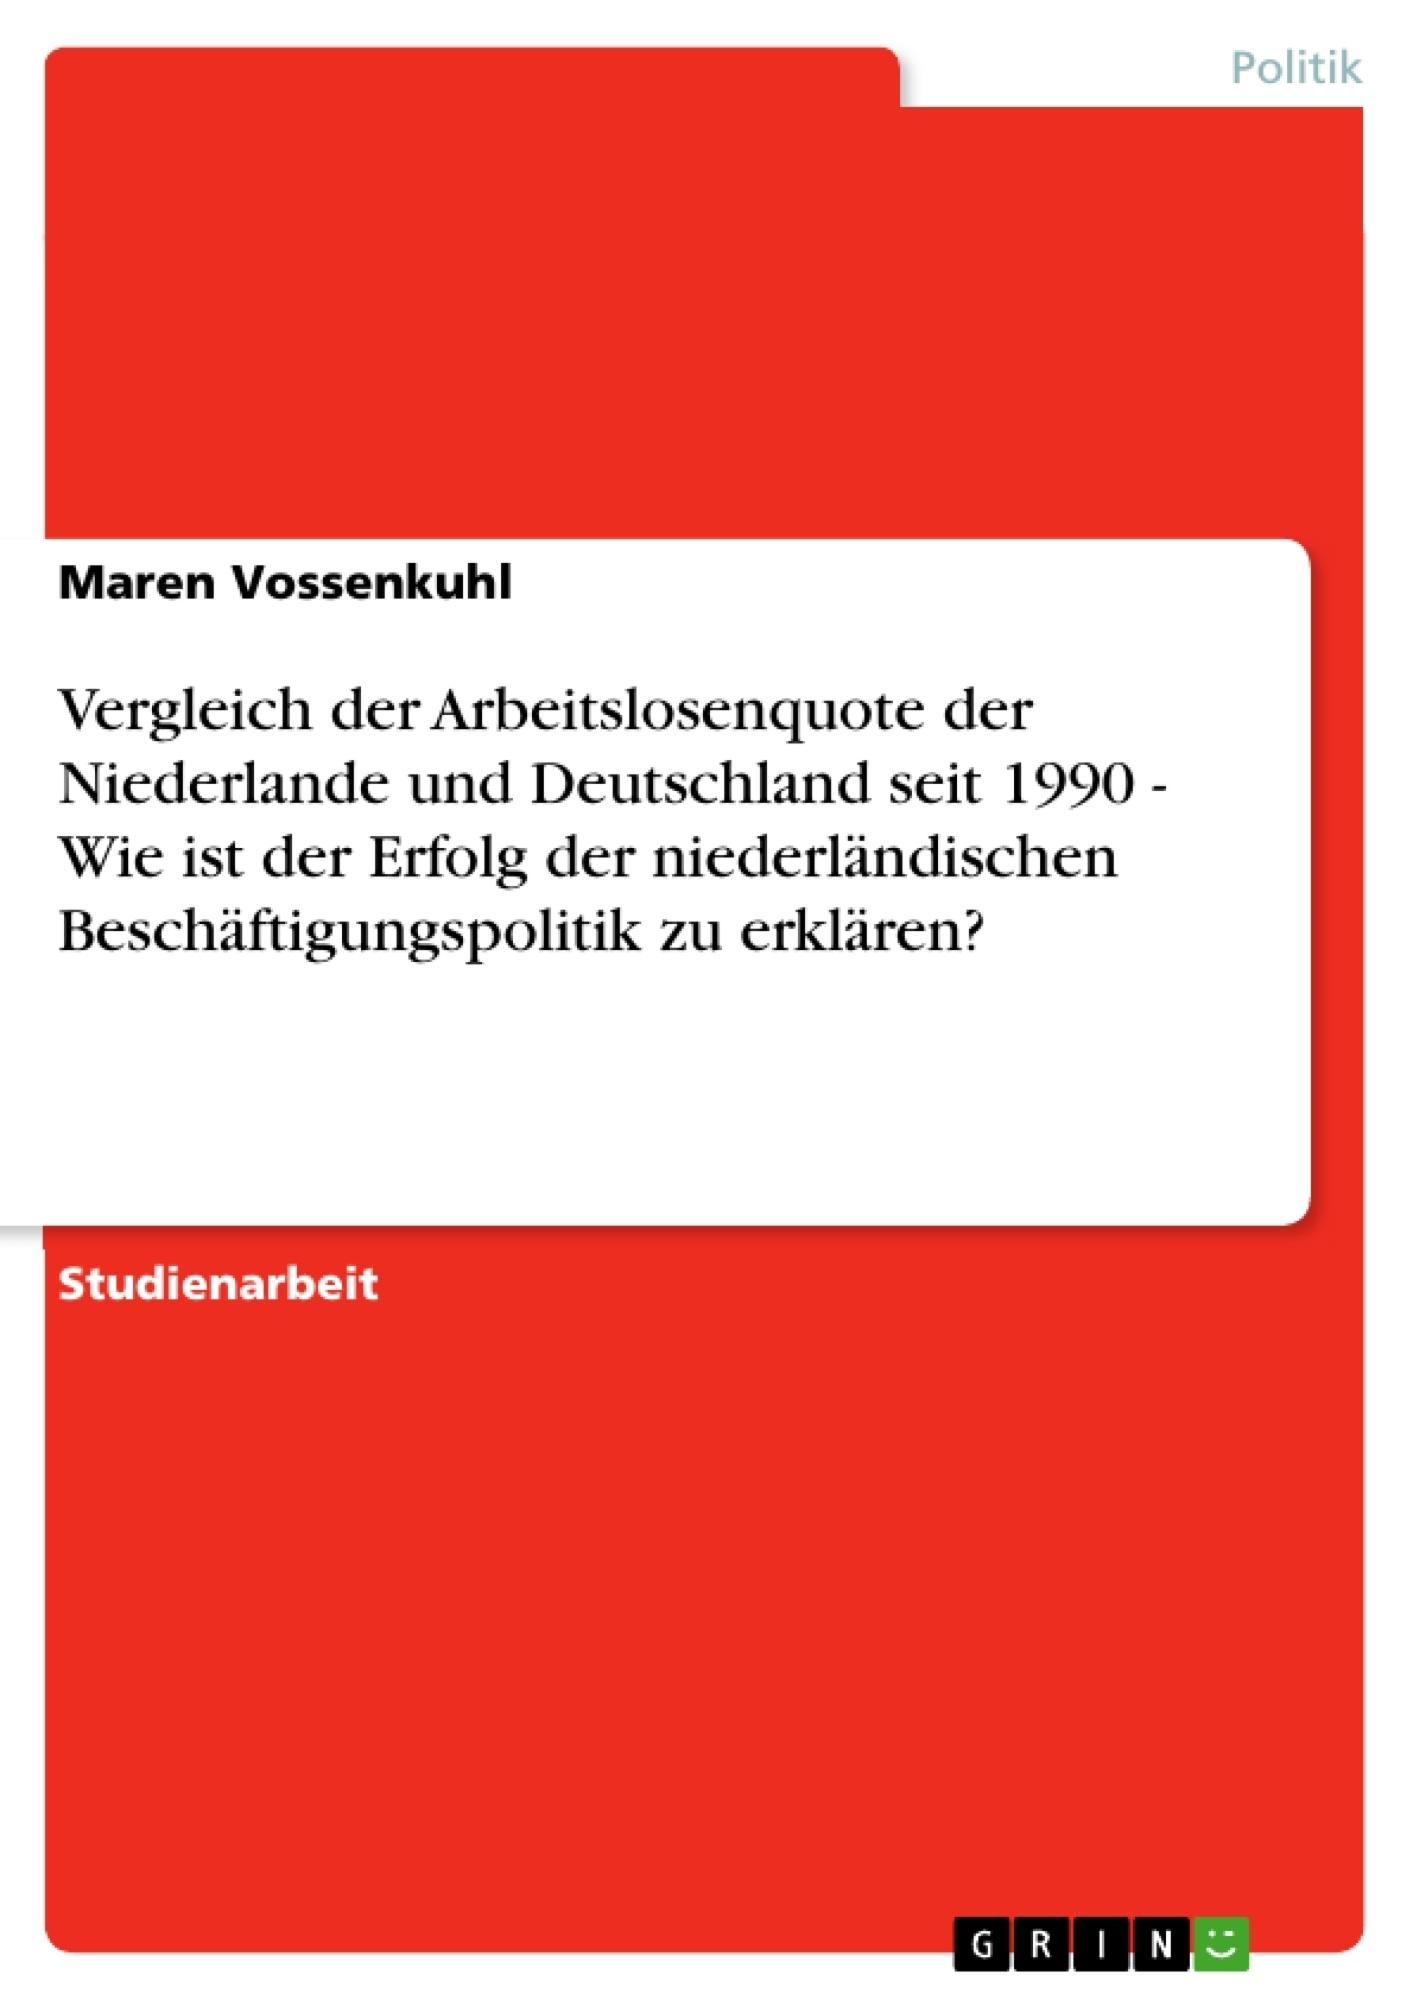 Titel: Vergleich der Arbeitslosenquote der Niederlande und Deutschland seit 1990 - Wie ist der Erfolg der niederländischen Beschäftigungspolitik zu erklären?